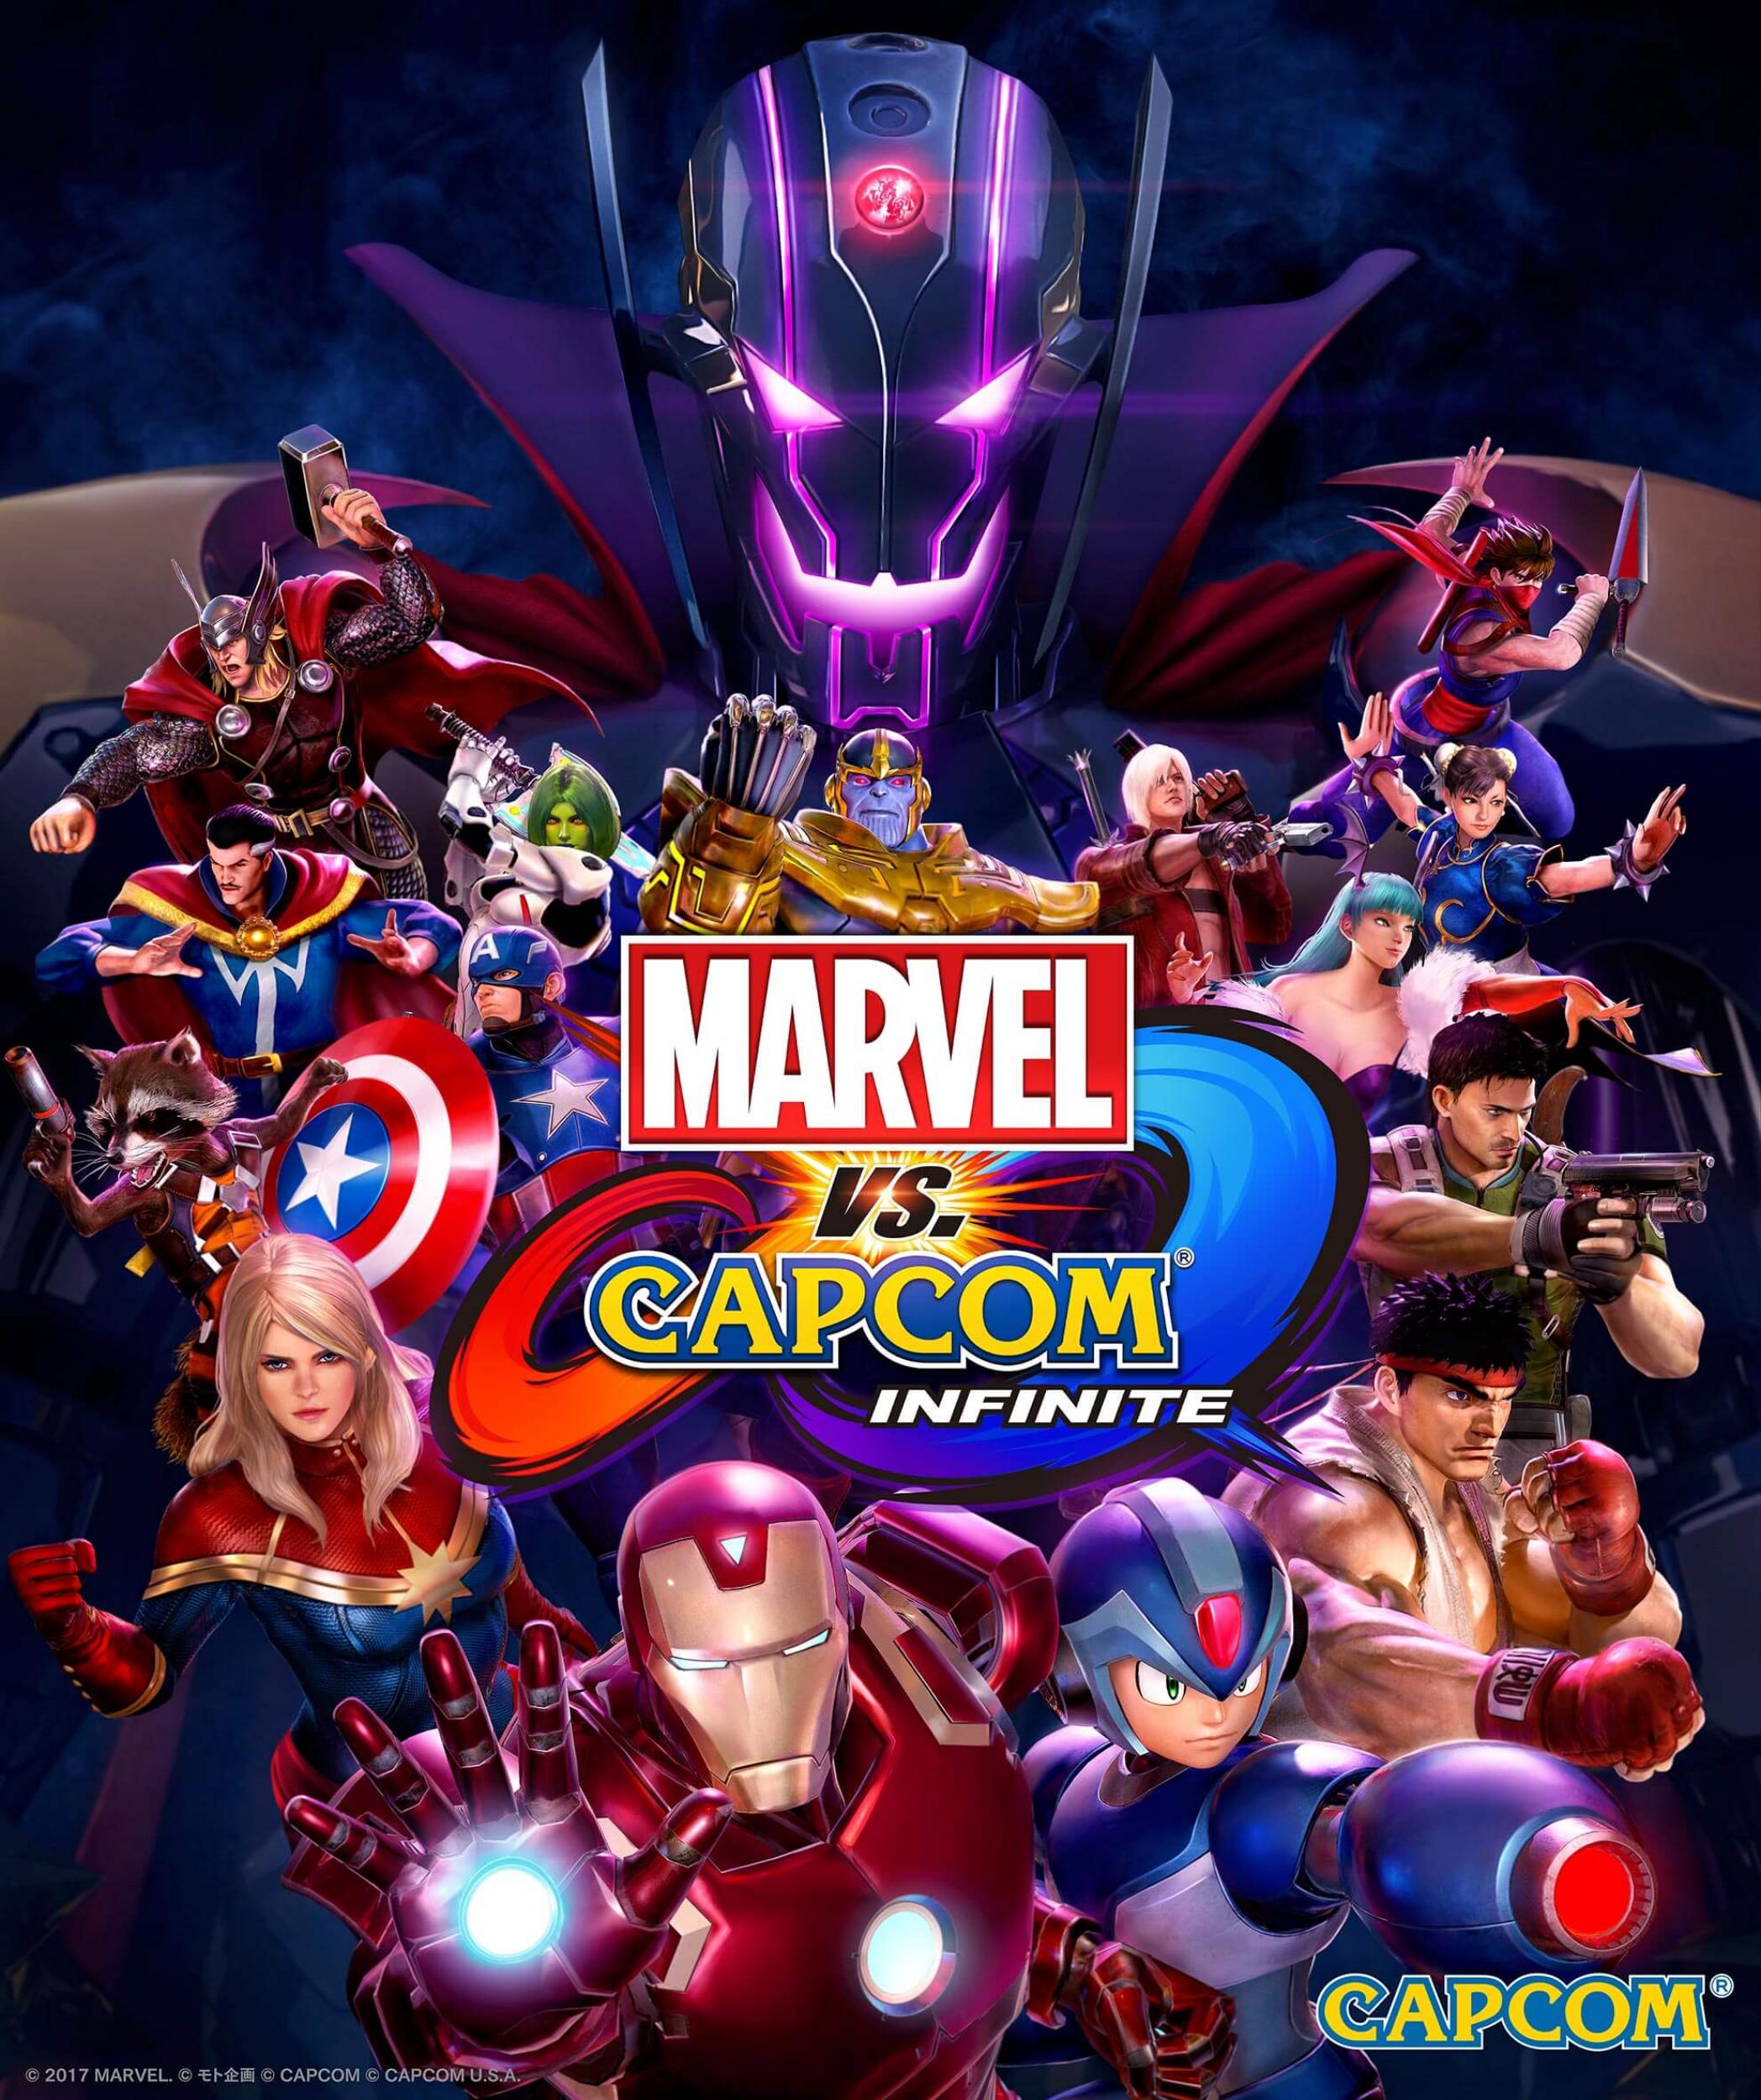 Marvelvscapcominfinite.png